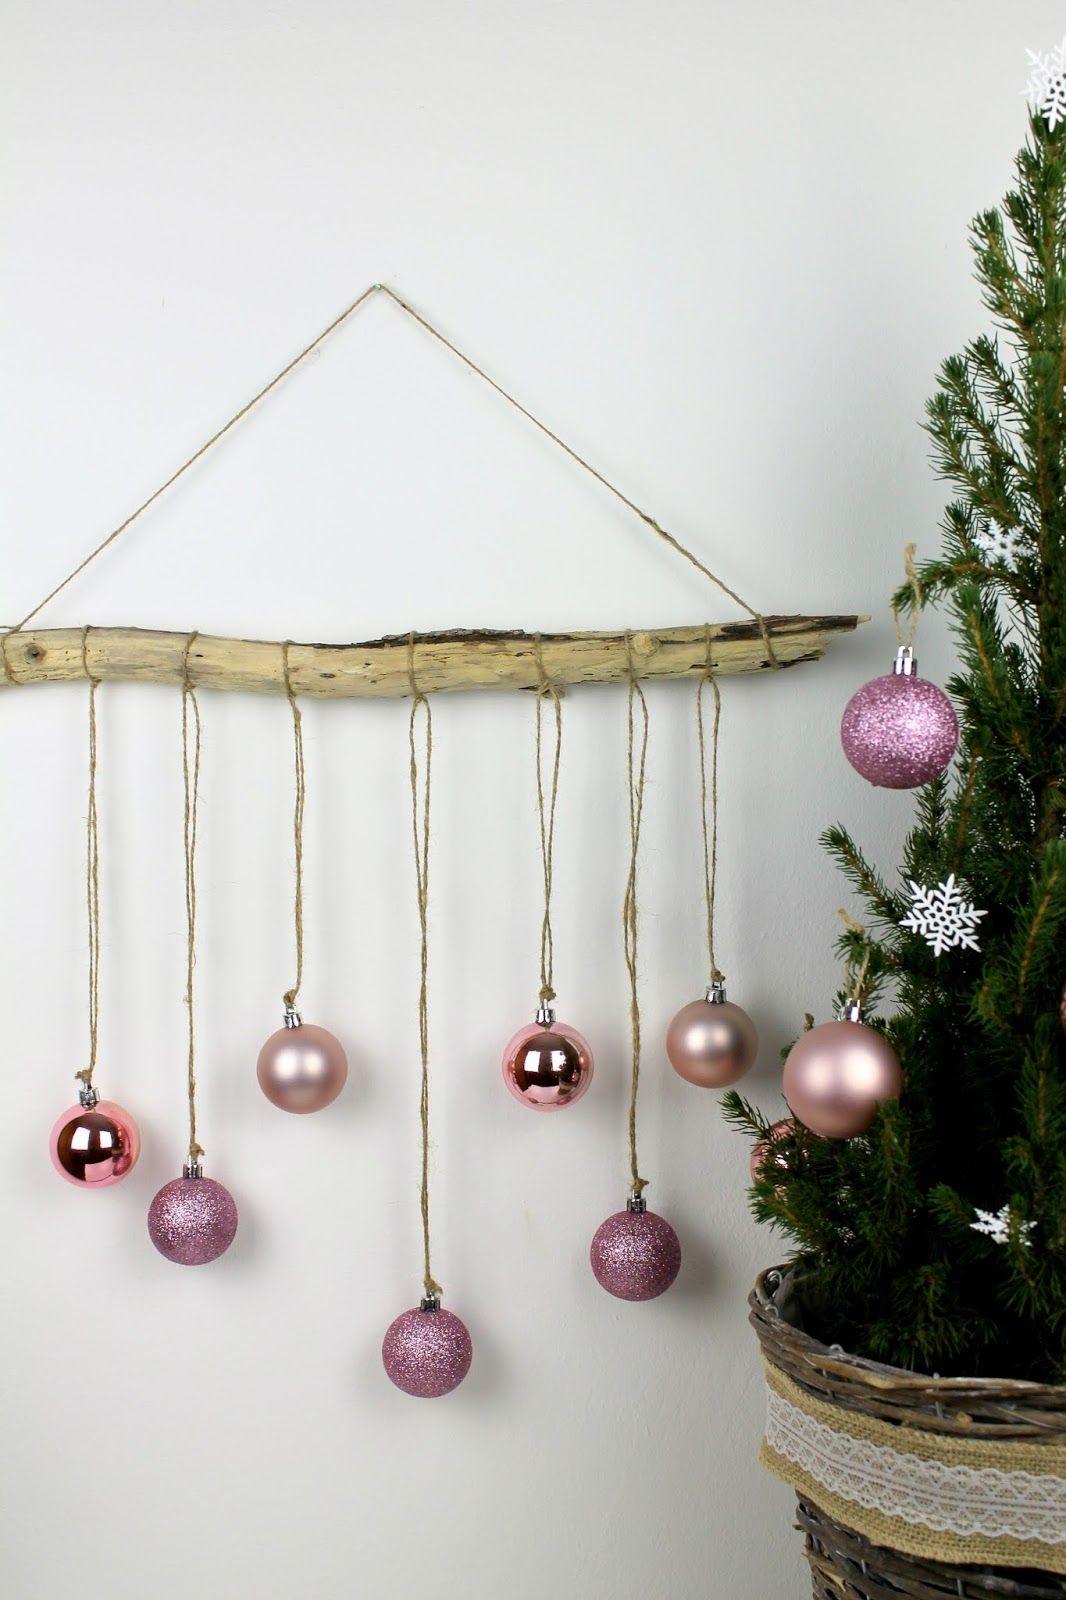 Diy Ausgefallene Weihnachtliche Wanddekoration Aus Treibholz Mit